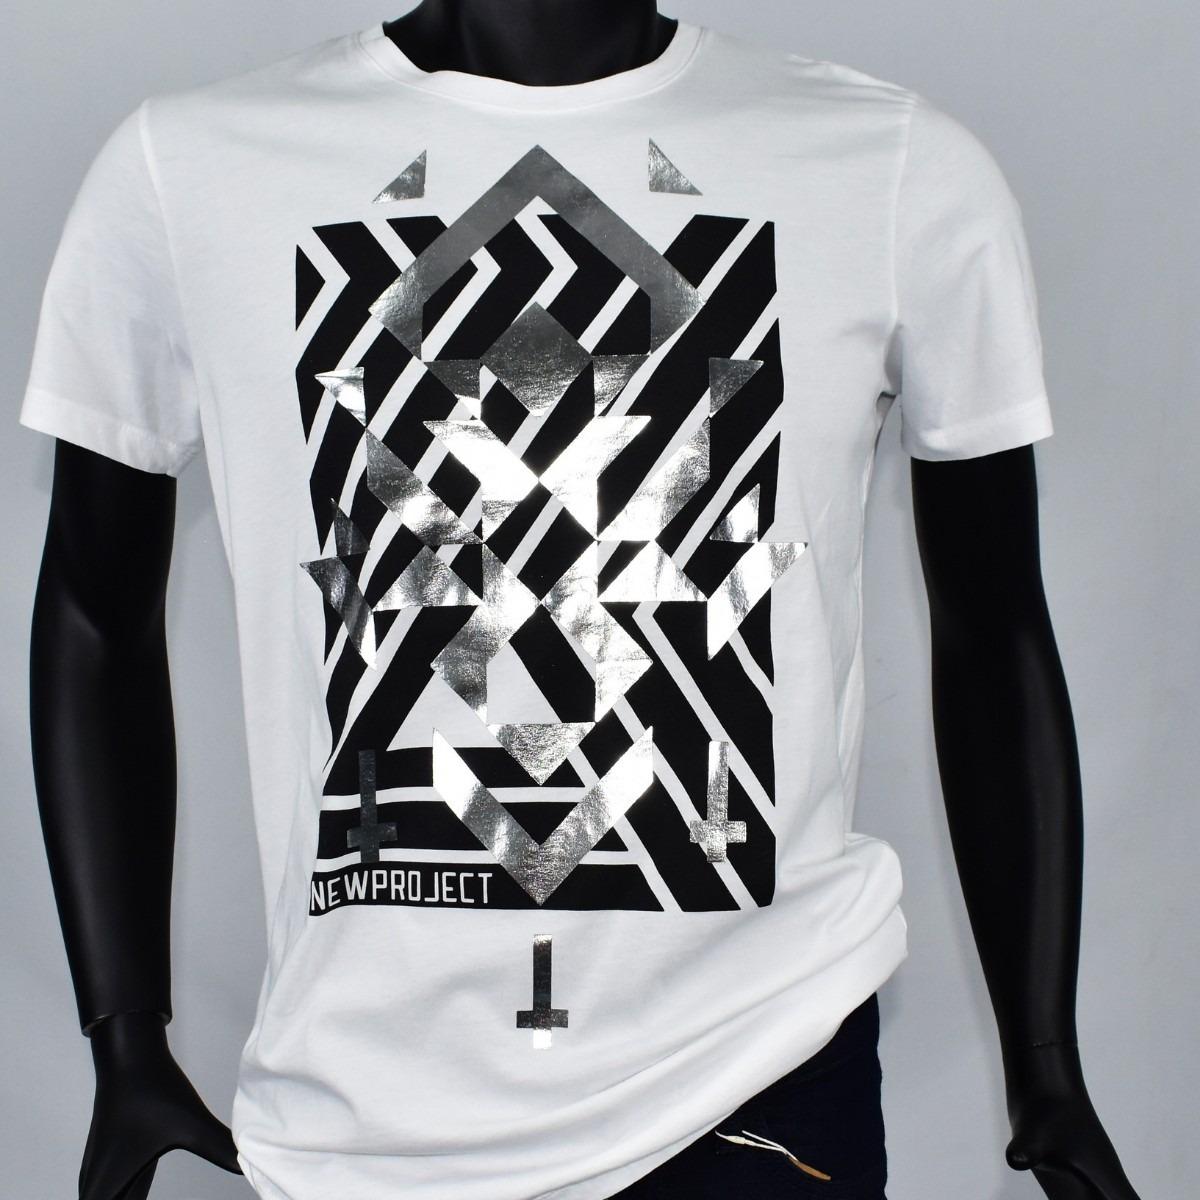 0466c72c0 Camiseta Mc De New Project Para Hombre - U$S 24,99 en Mercado Libre